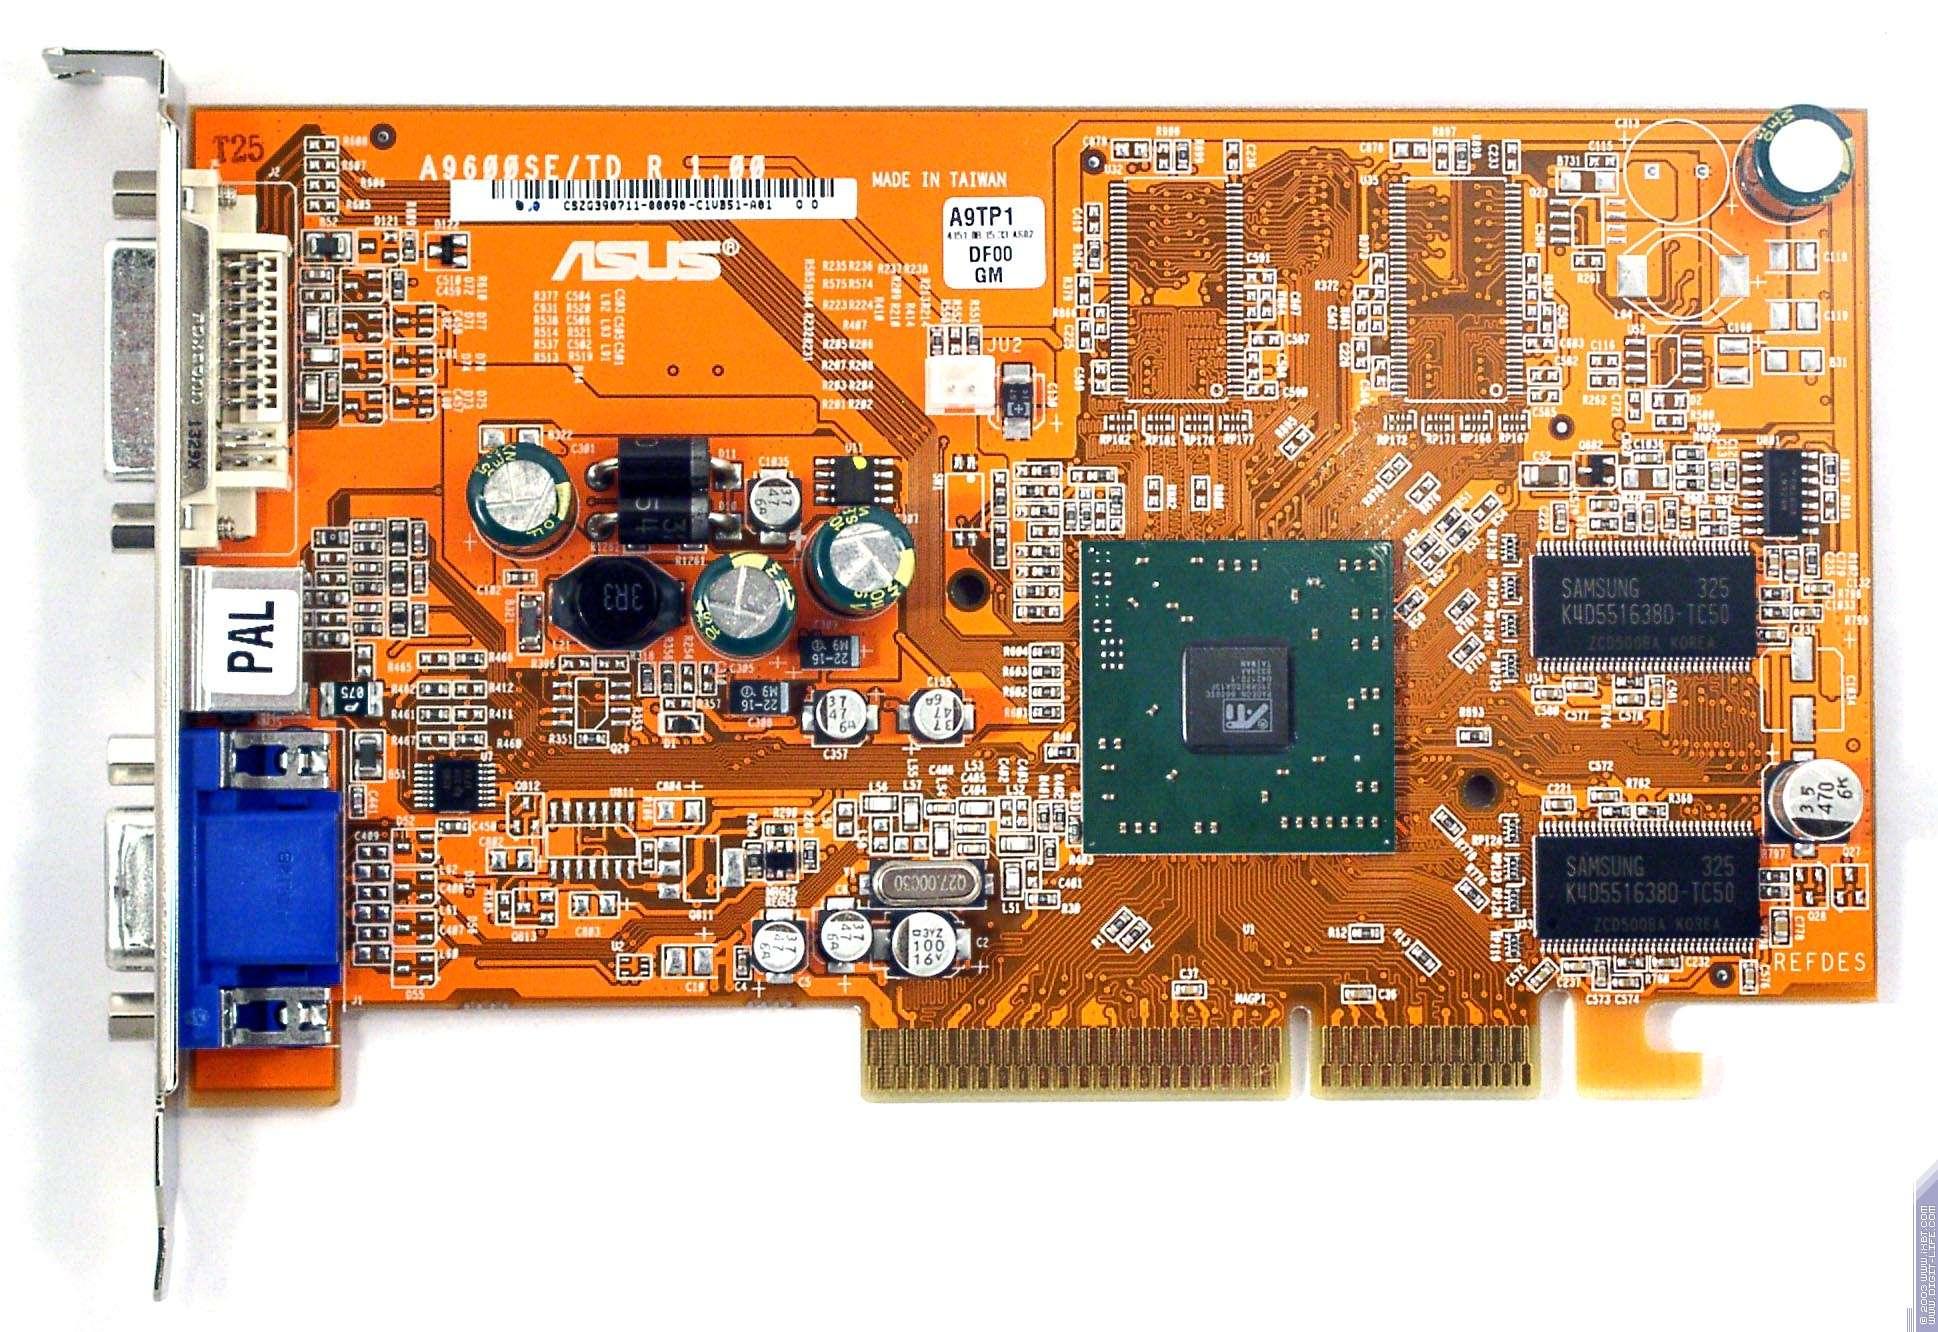 инструкция по пользованию pioneer avh-p4100dvd